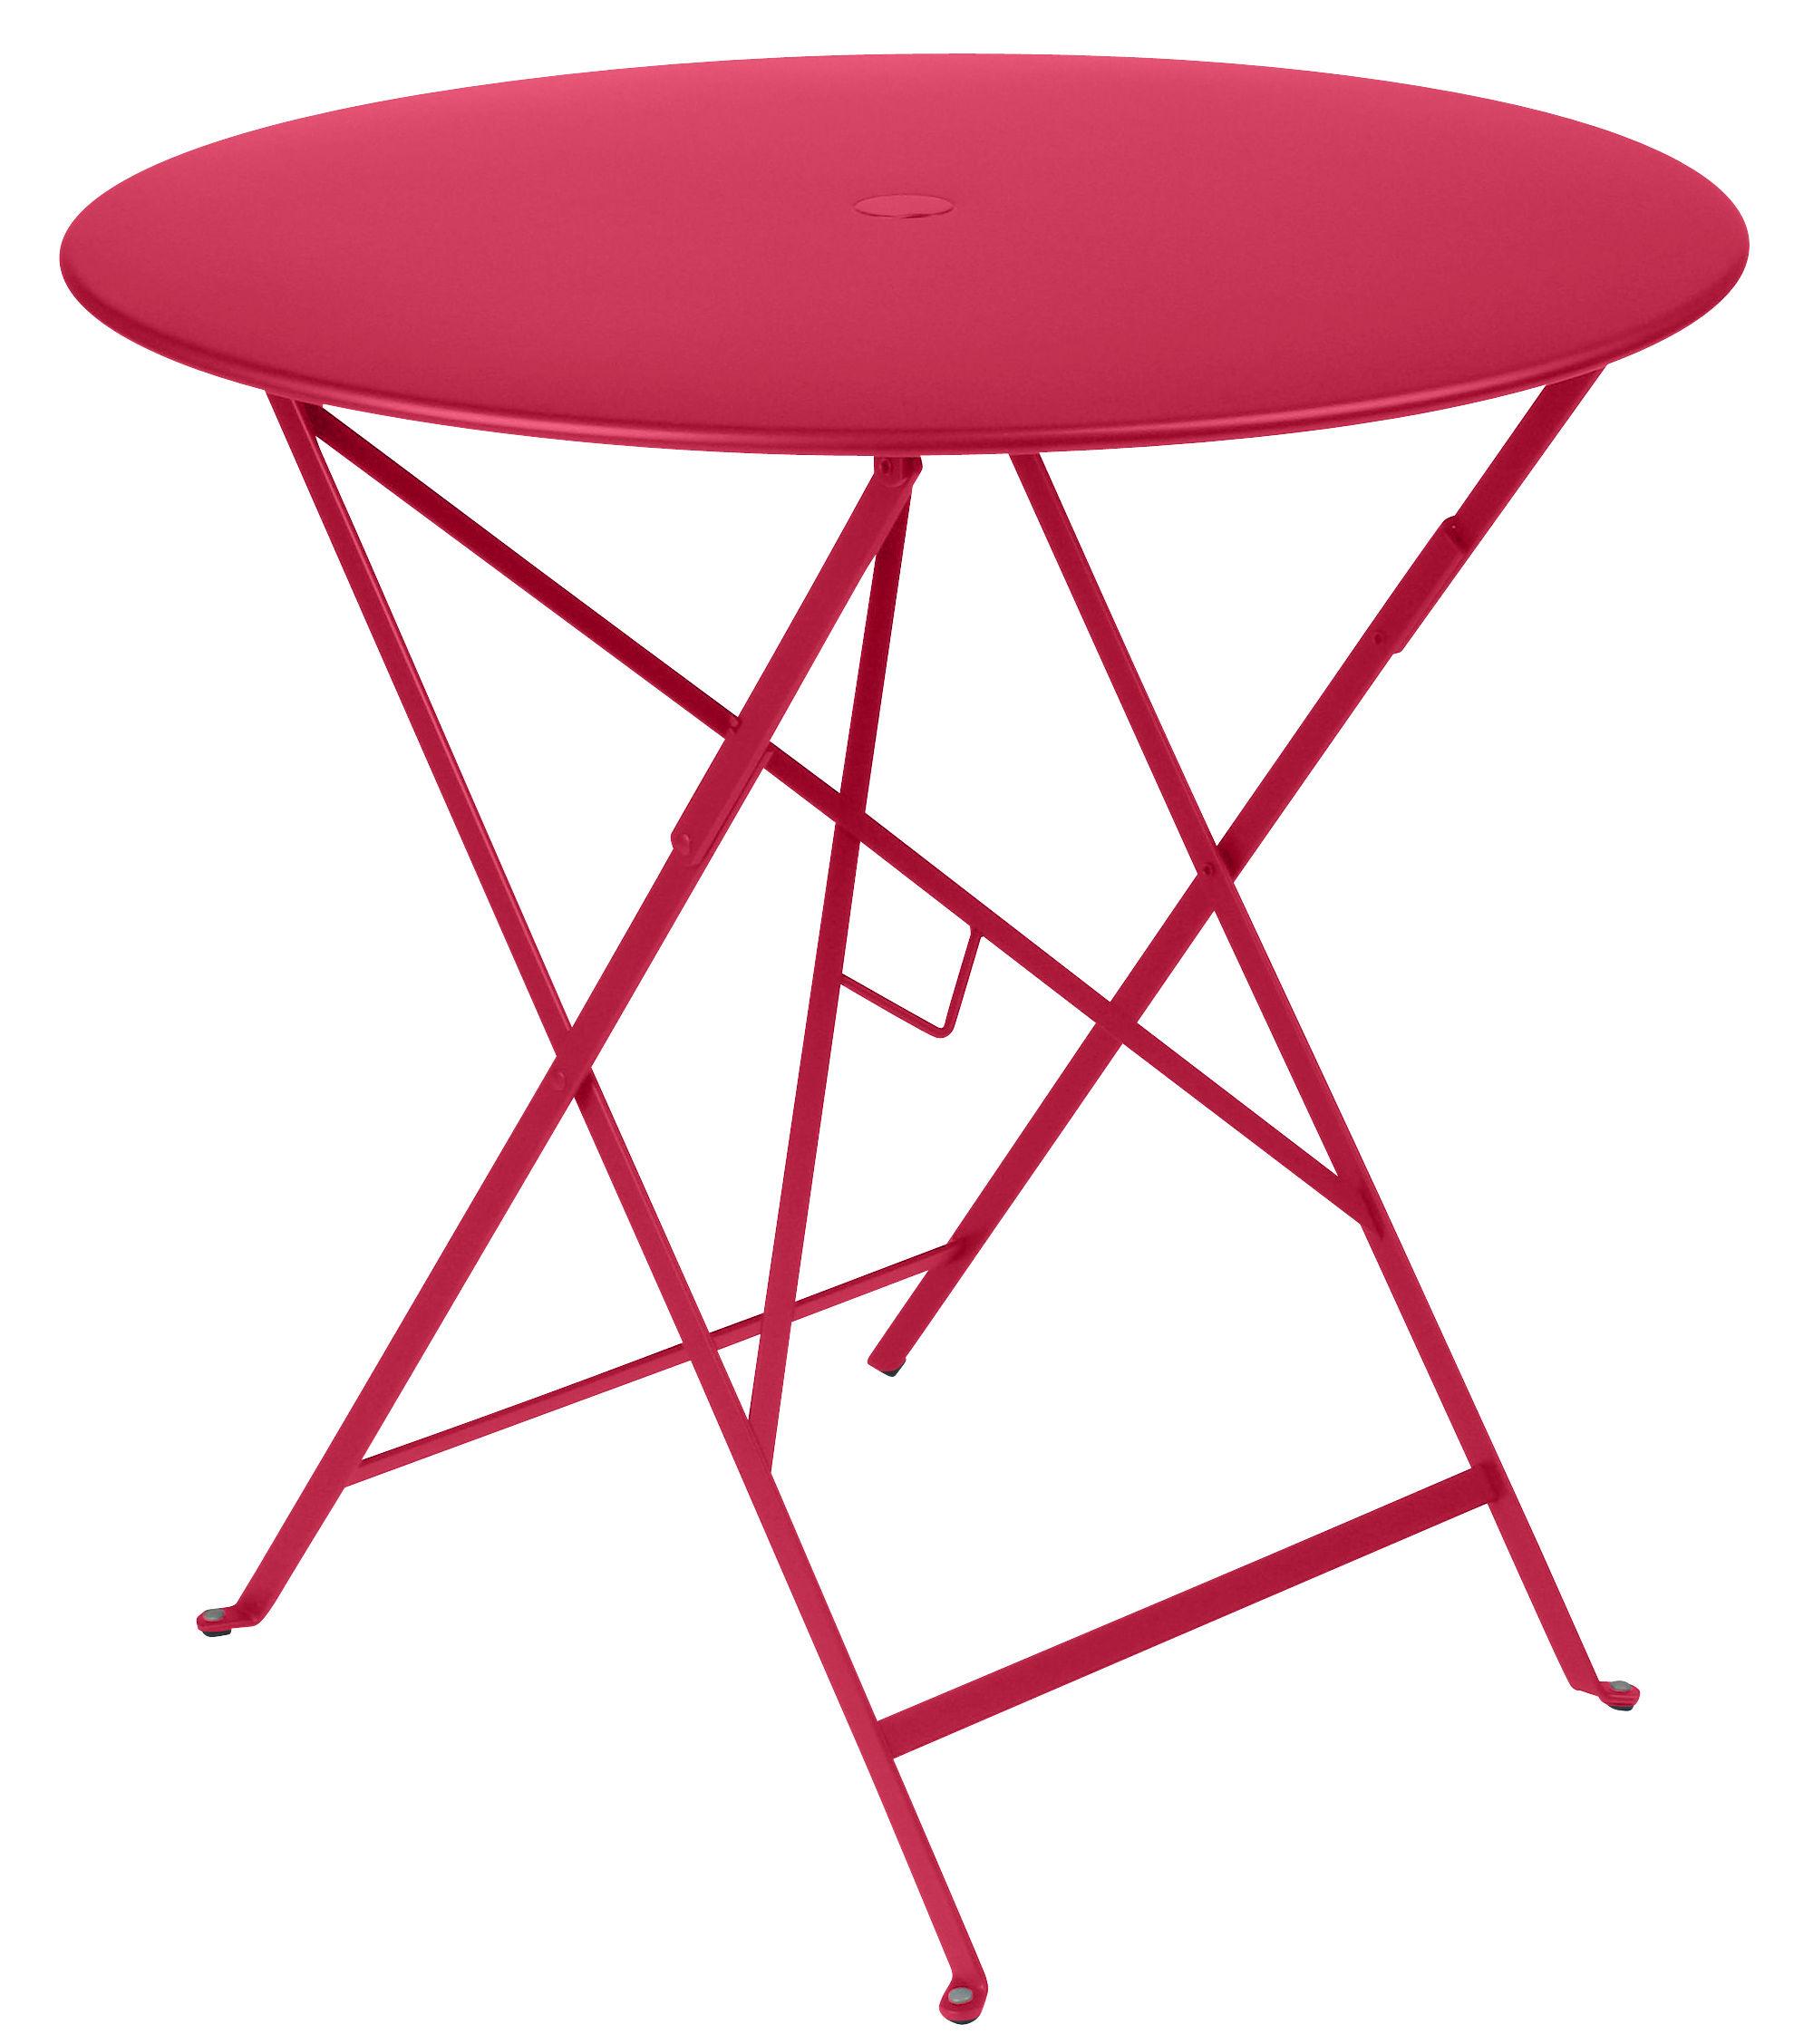 Outdoor - Tavoli  - Tavolo pieghevole Bistro - /Ø 77 cm - Foro per parasole di Fermob - Rosa pralina - Acciaio laccato